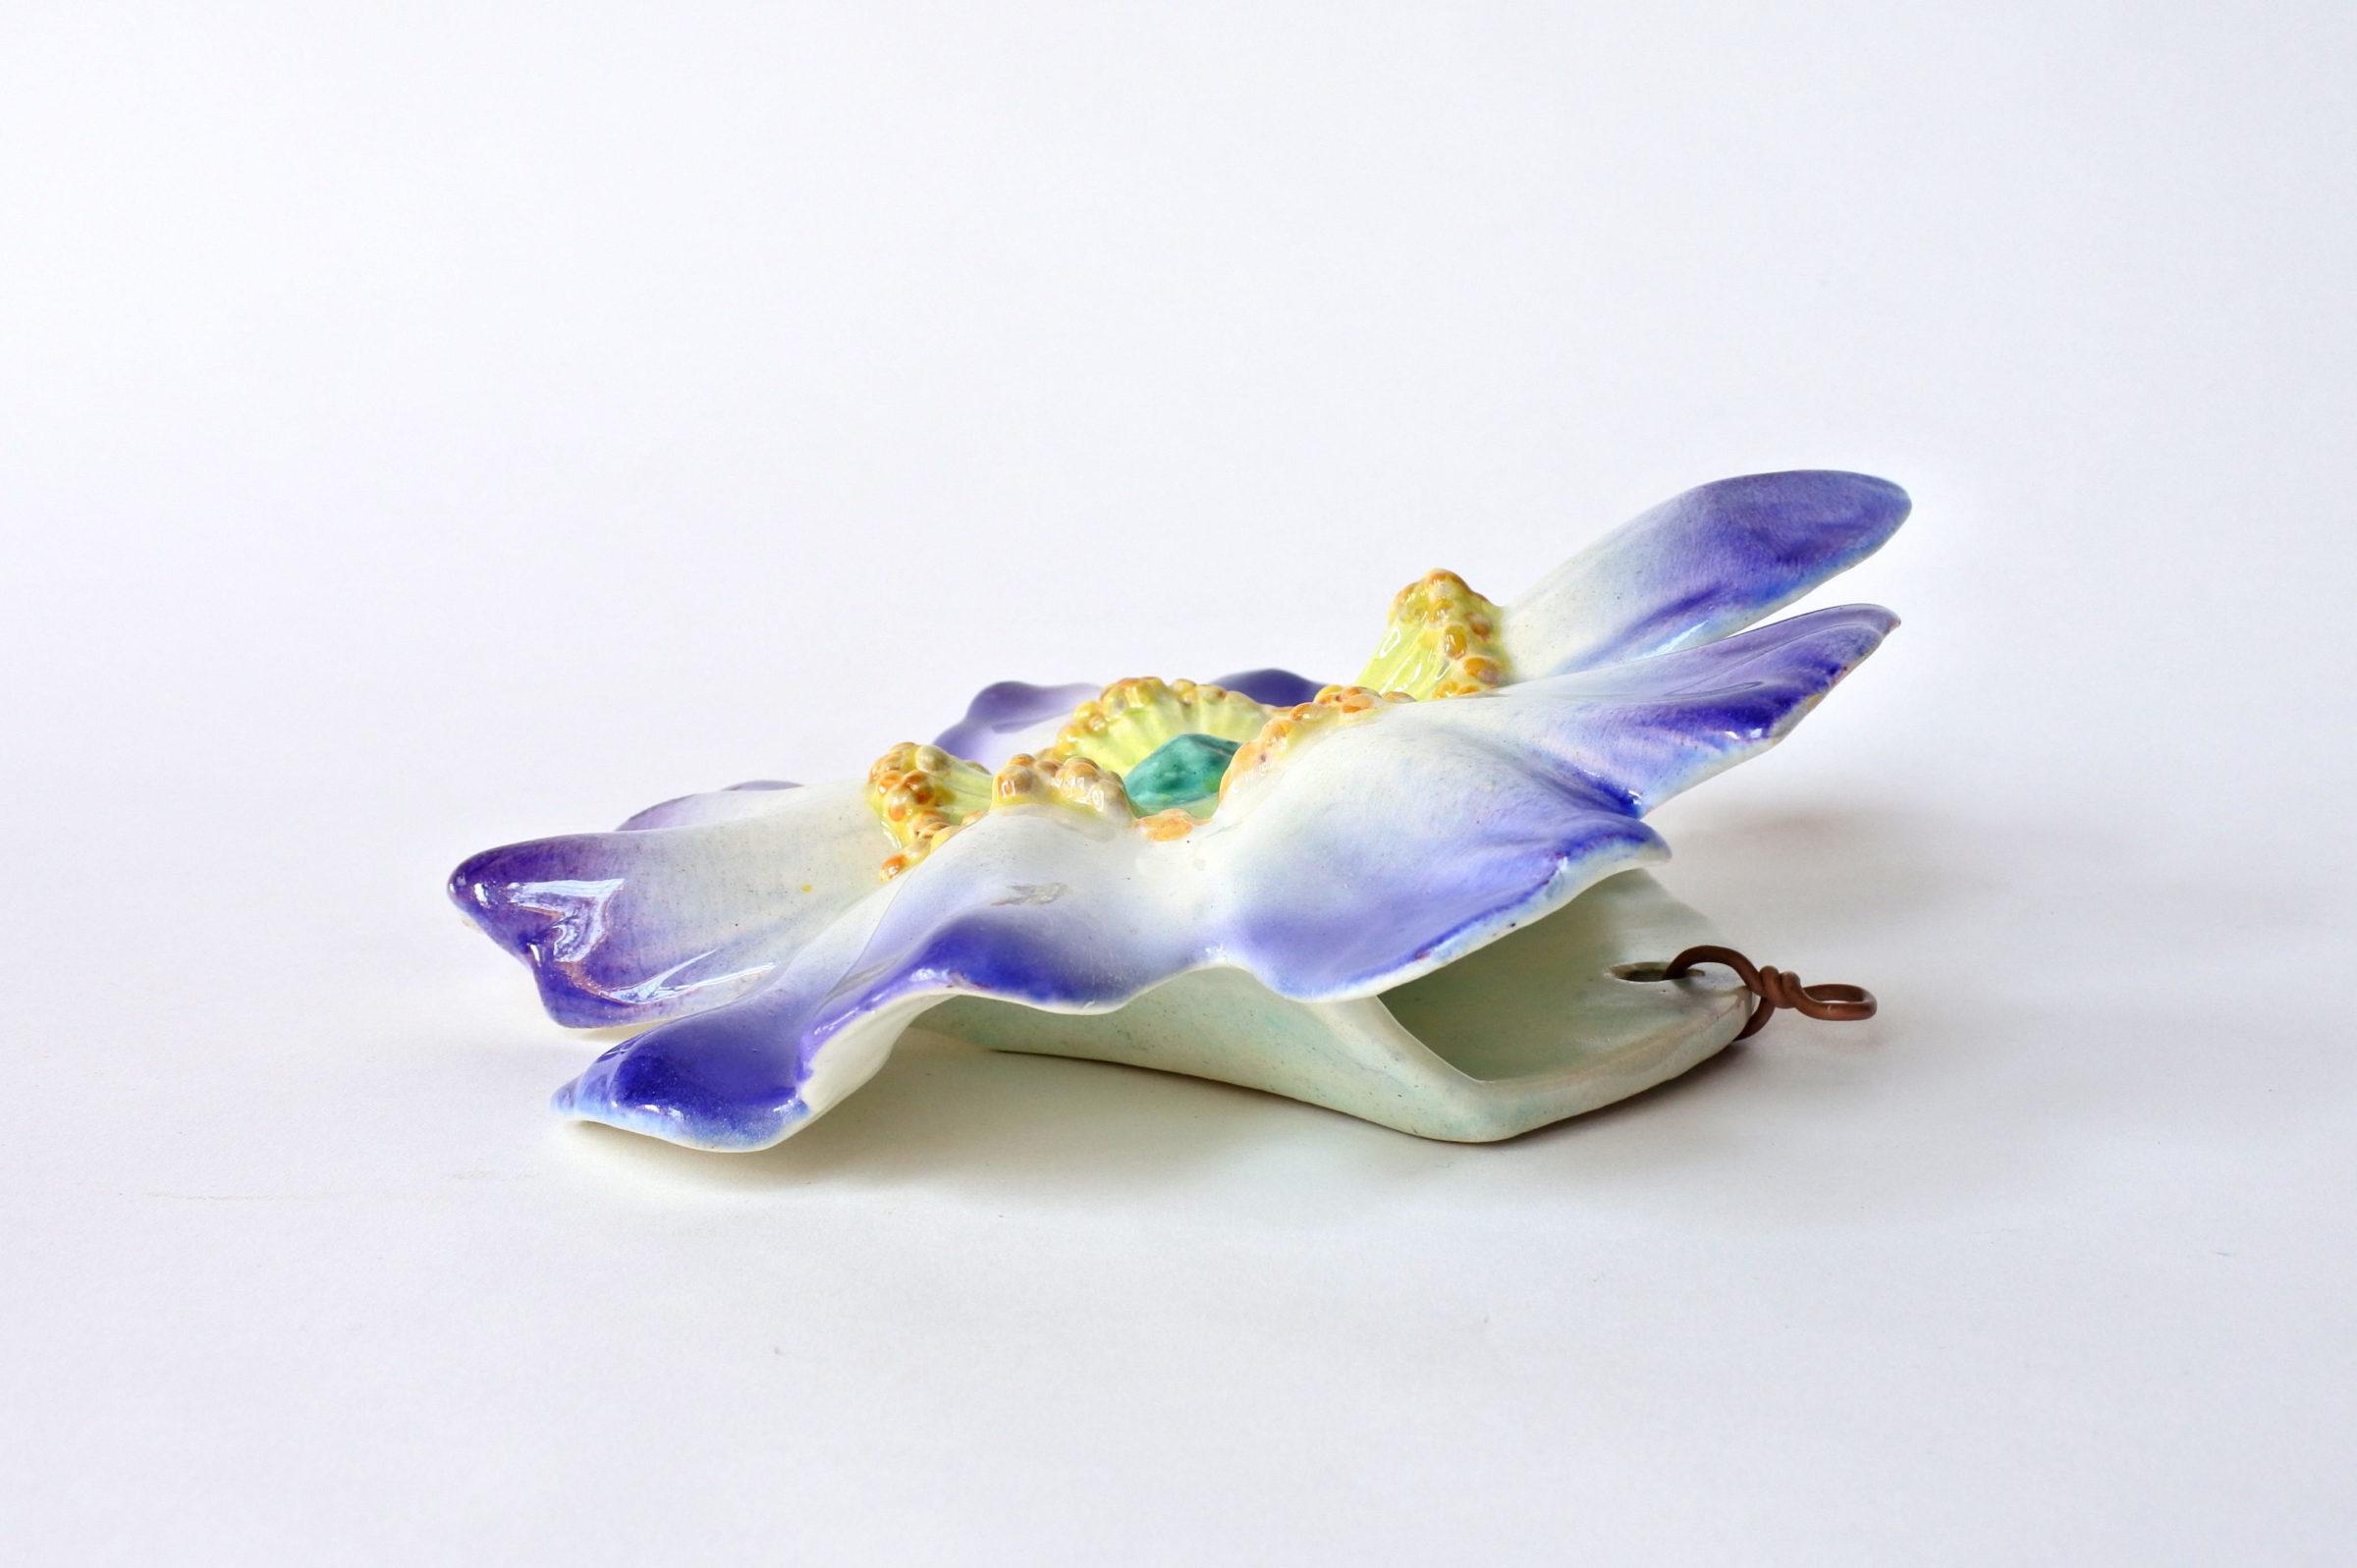 Portafiori da muro in ceramica barbotine a forma di rosa canina blu - Massier - 3